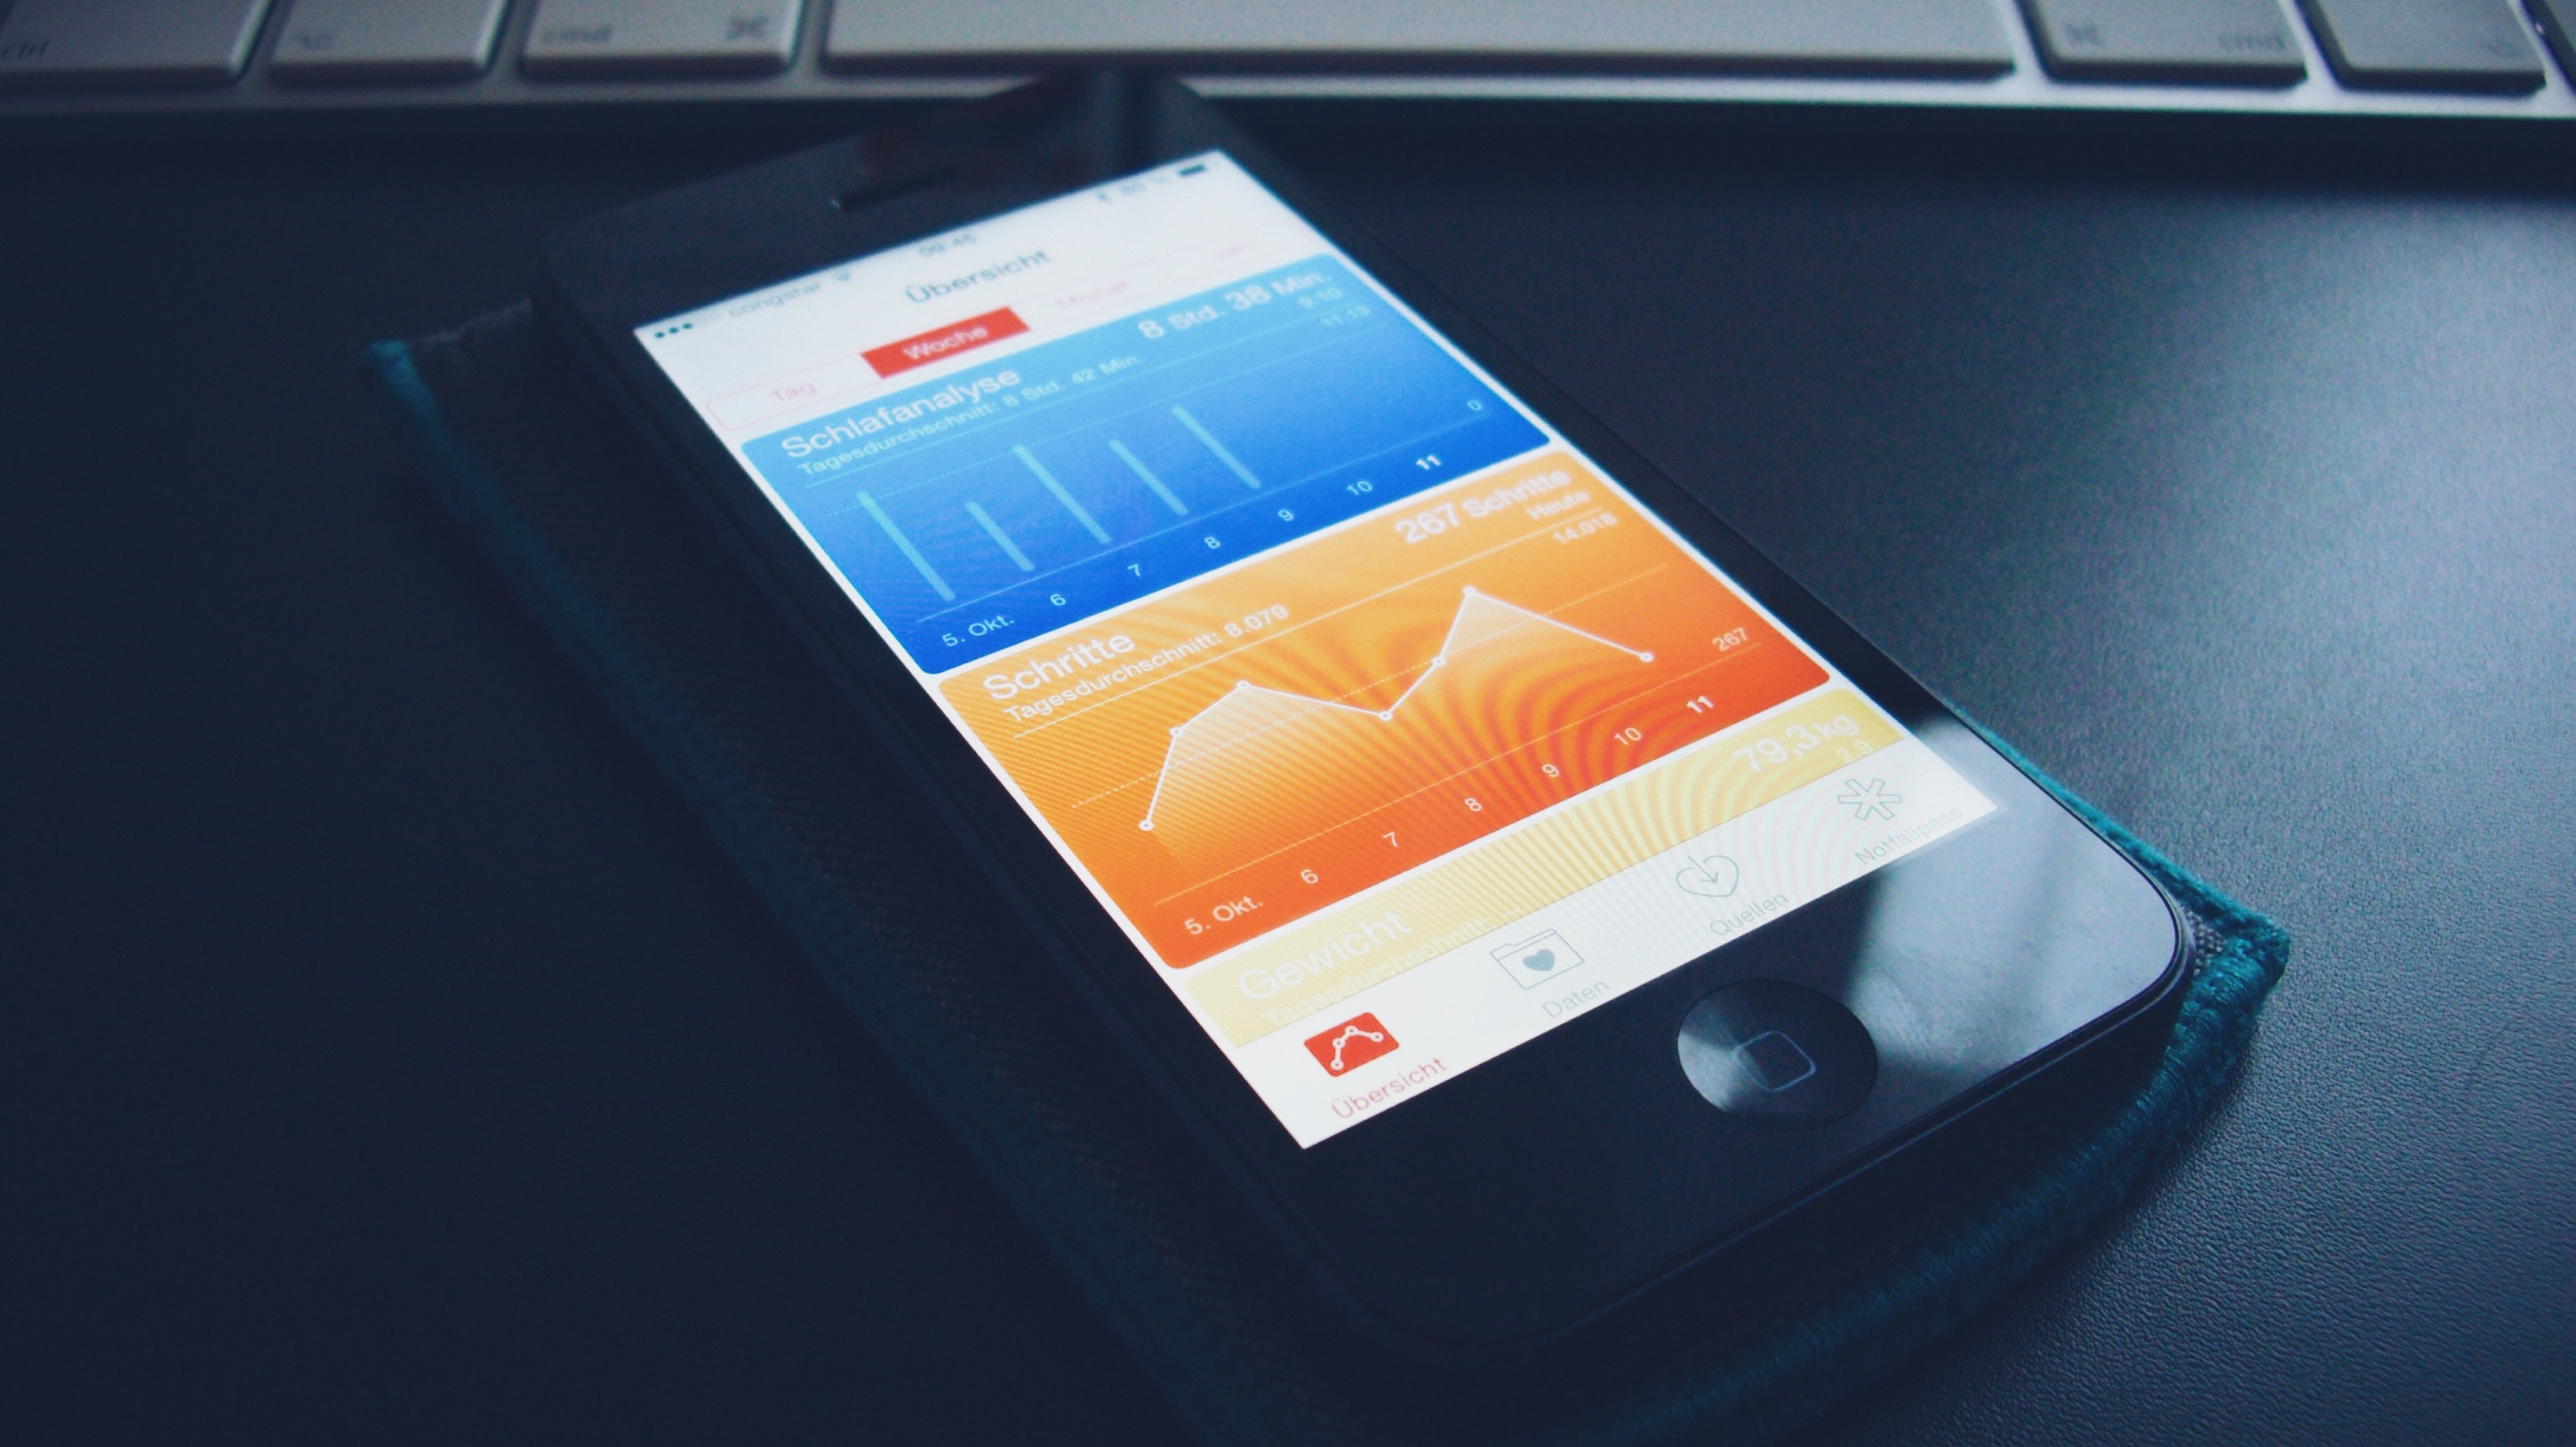 Schlafanalyse und Schritte in Apple Health